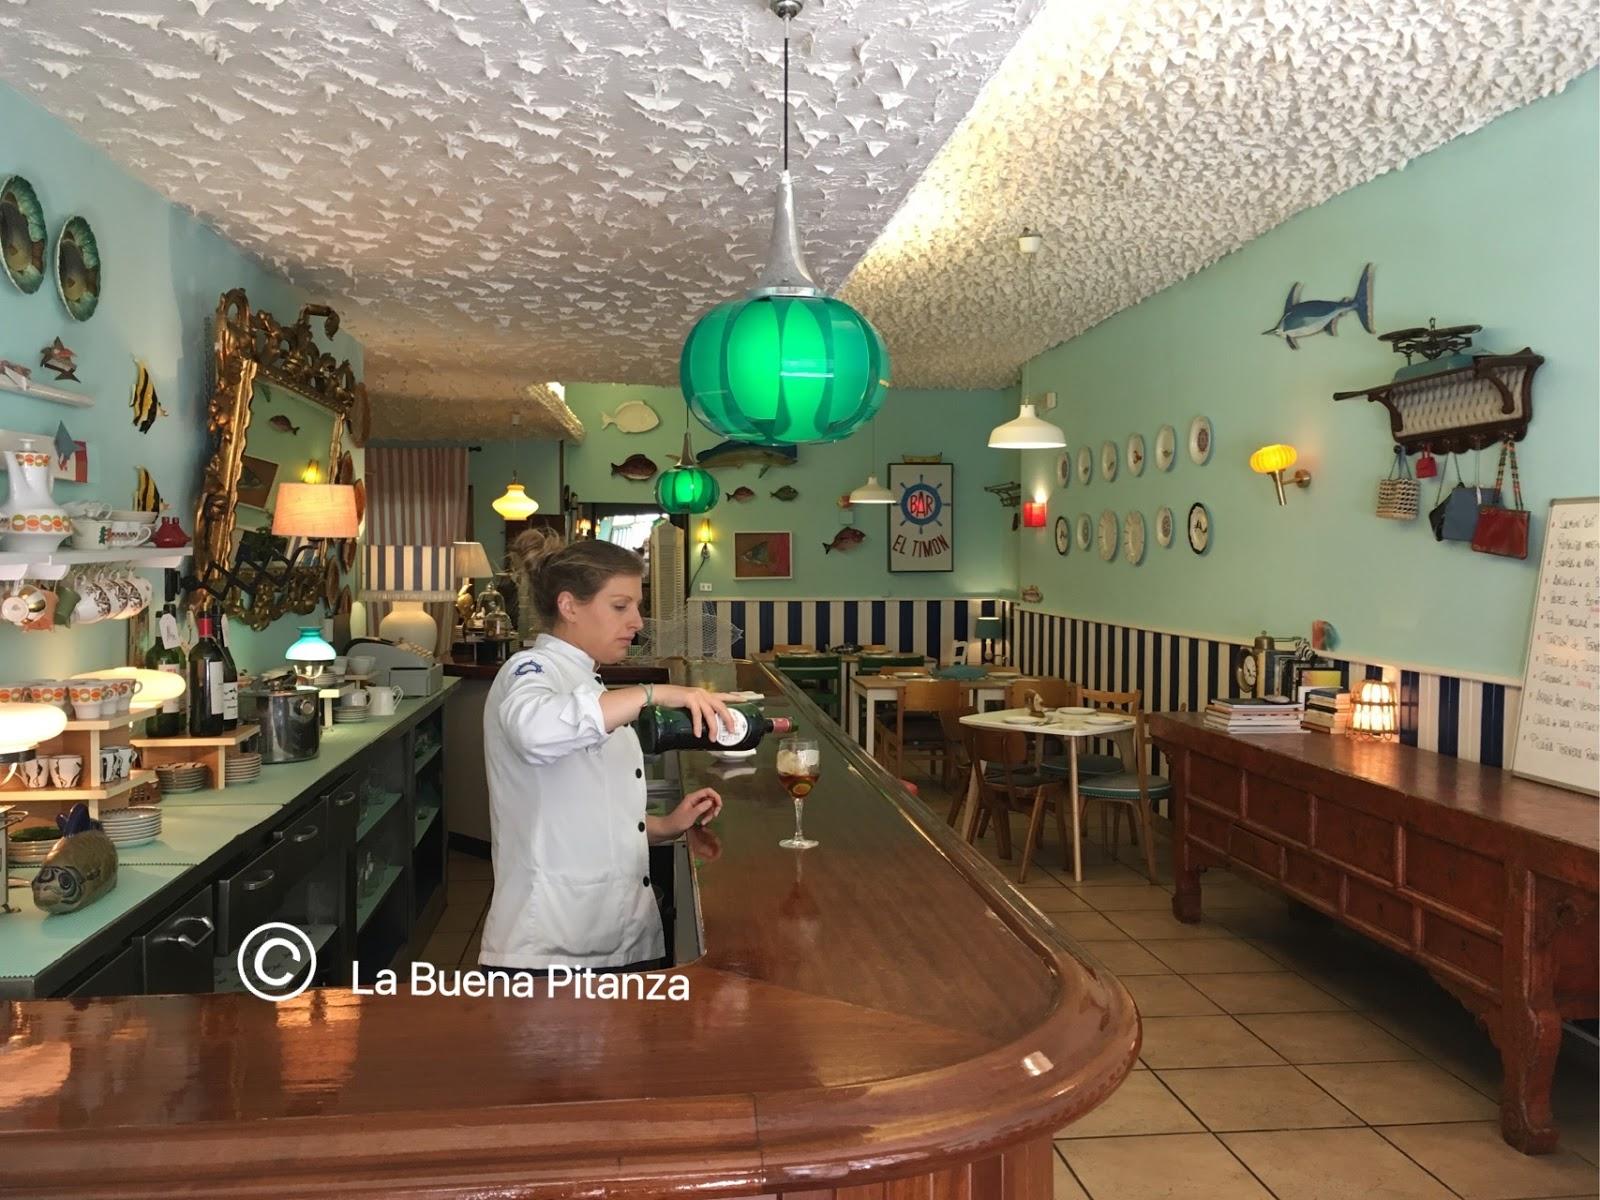 LA BUENA PITANZA: Timón Bar: Casa y cocina de aires marineros